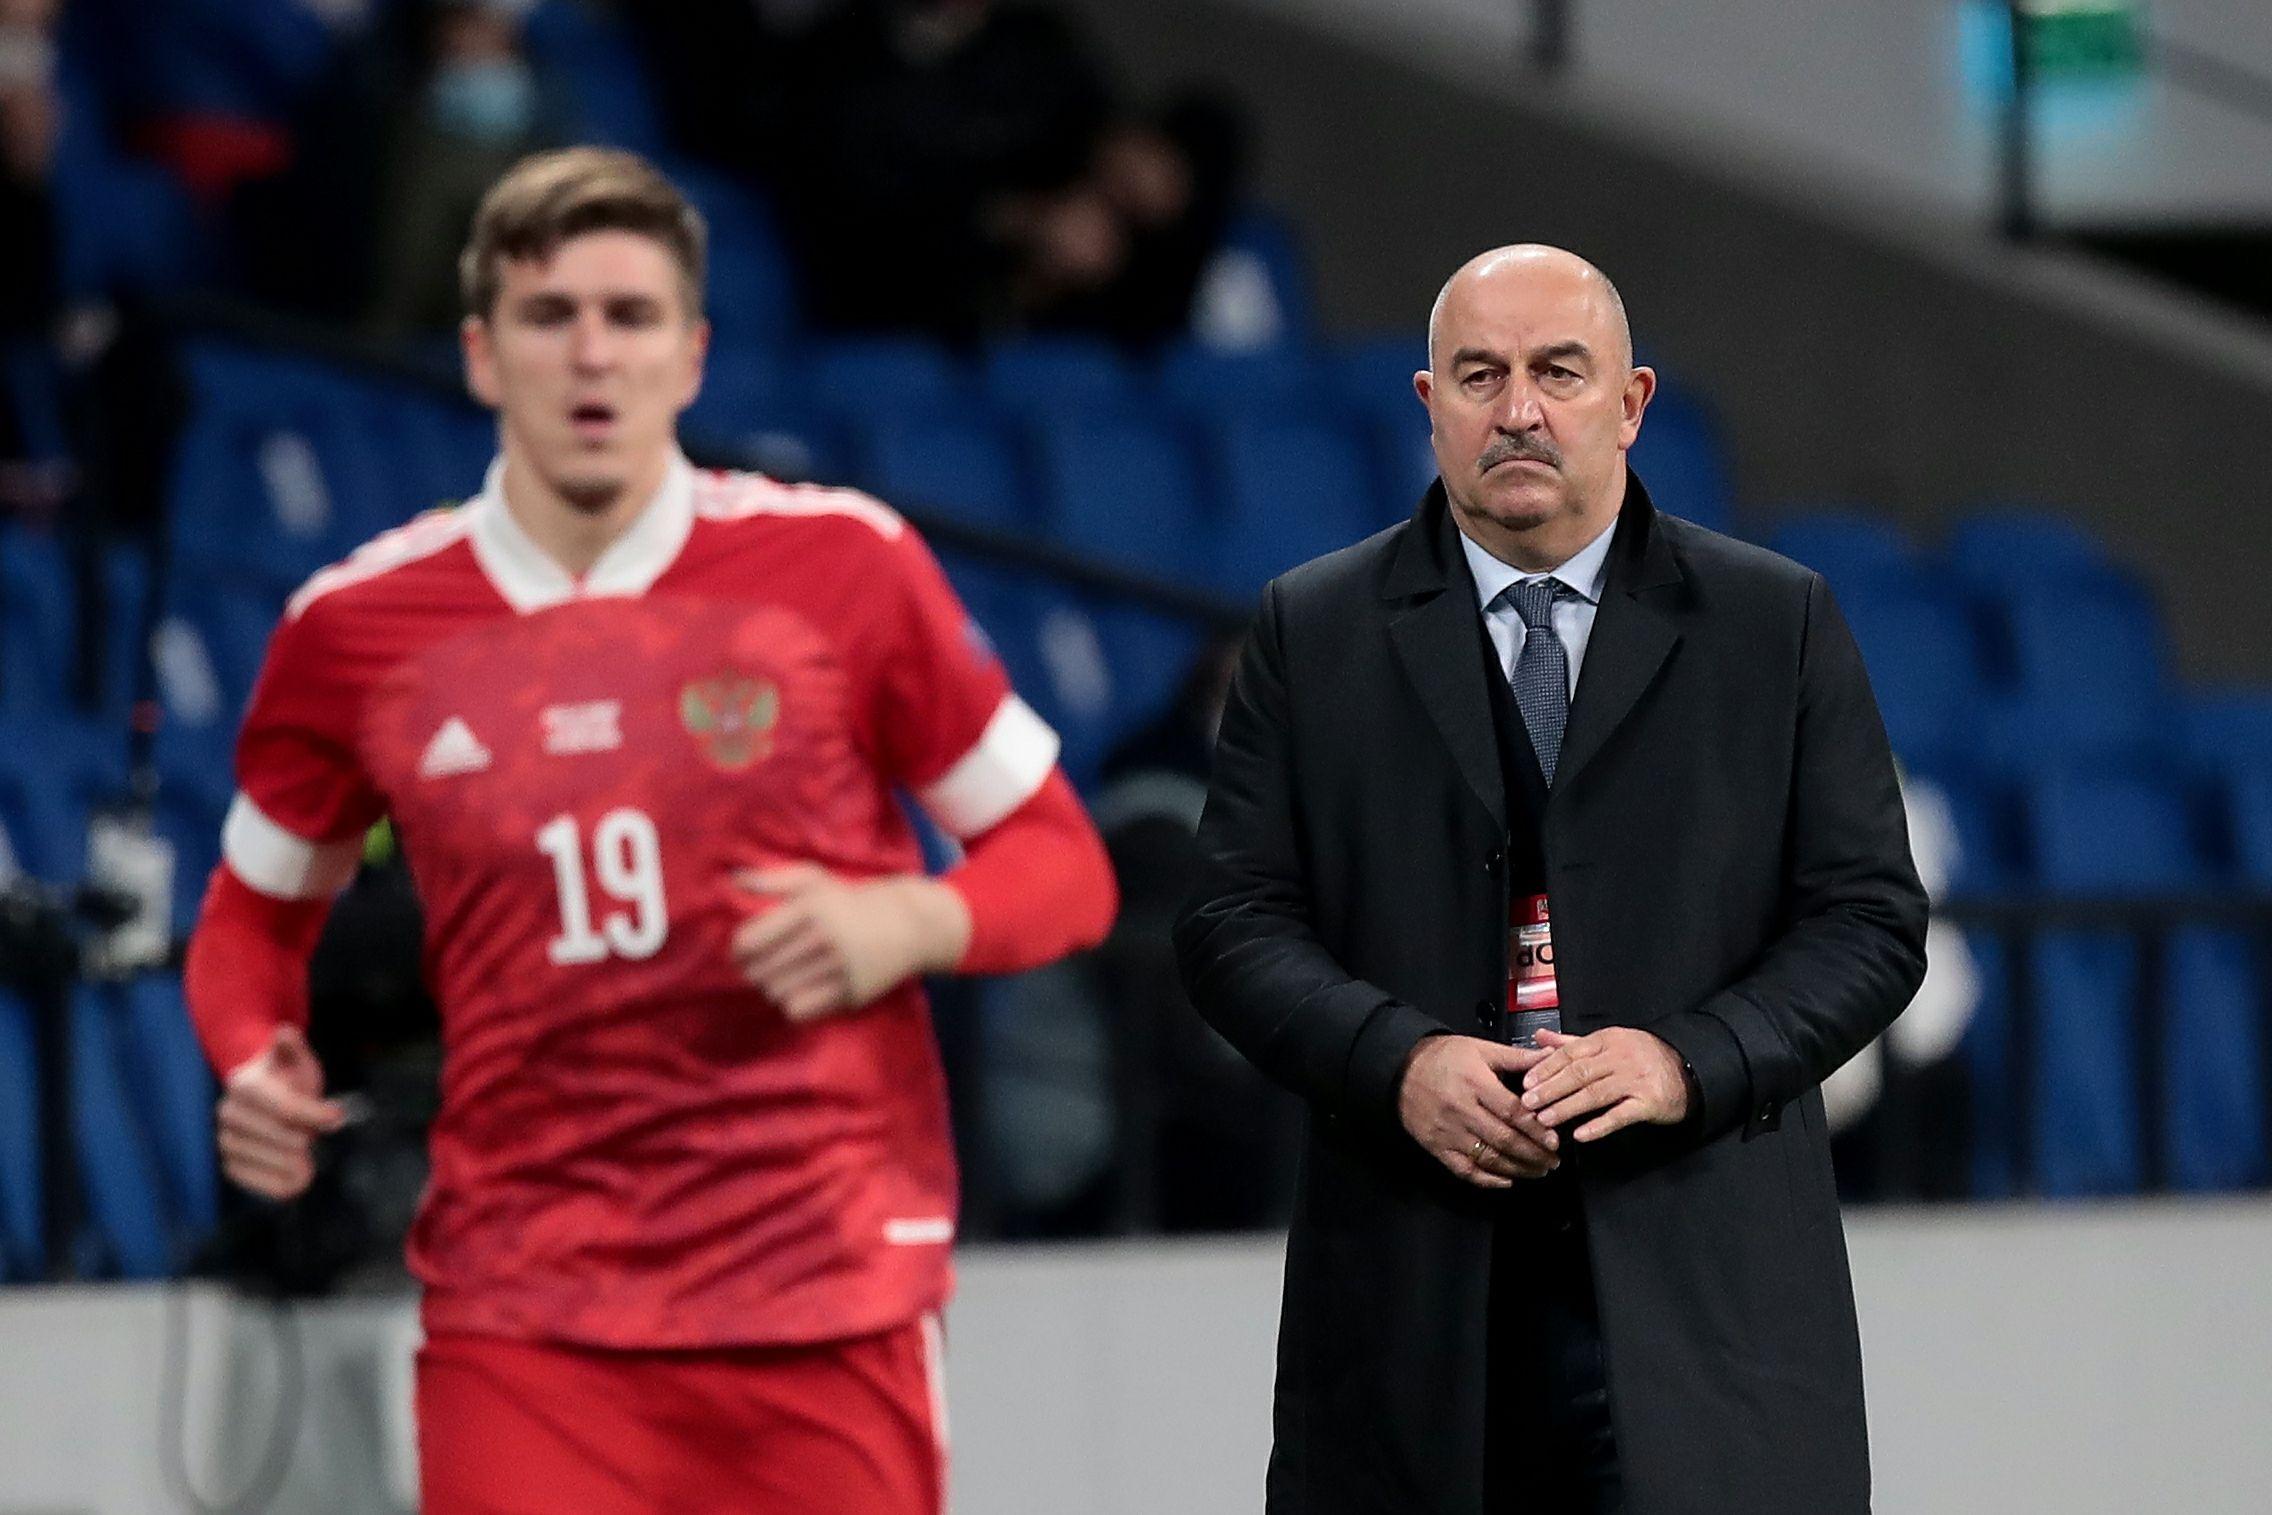 Писарев объяснил, почему сборная России лучше всех других сборных на данный момент